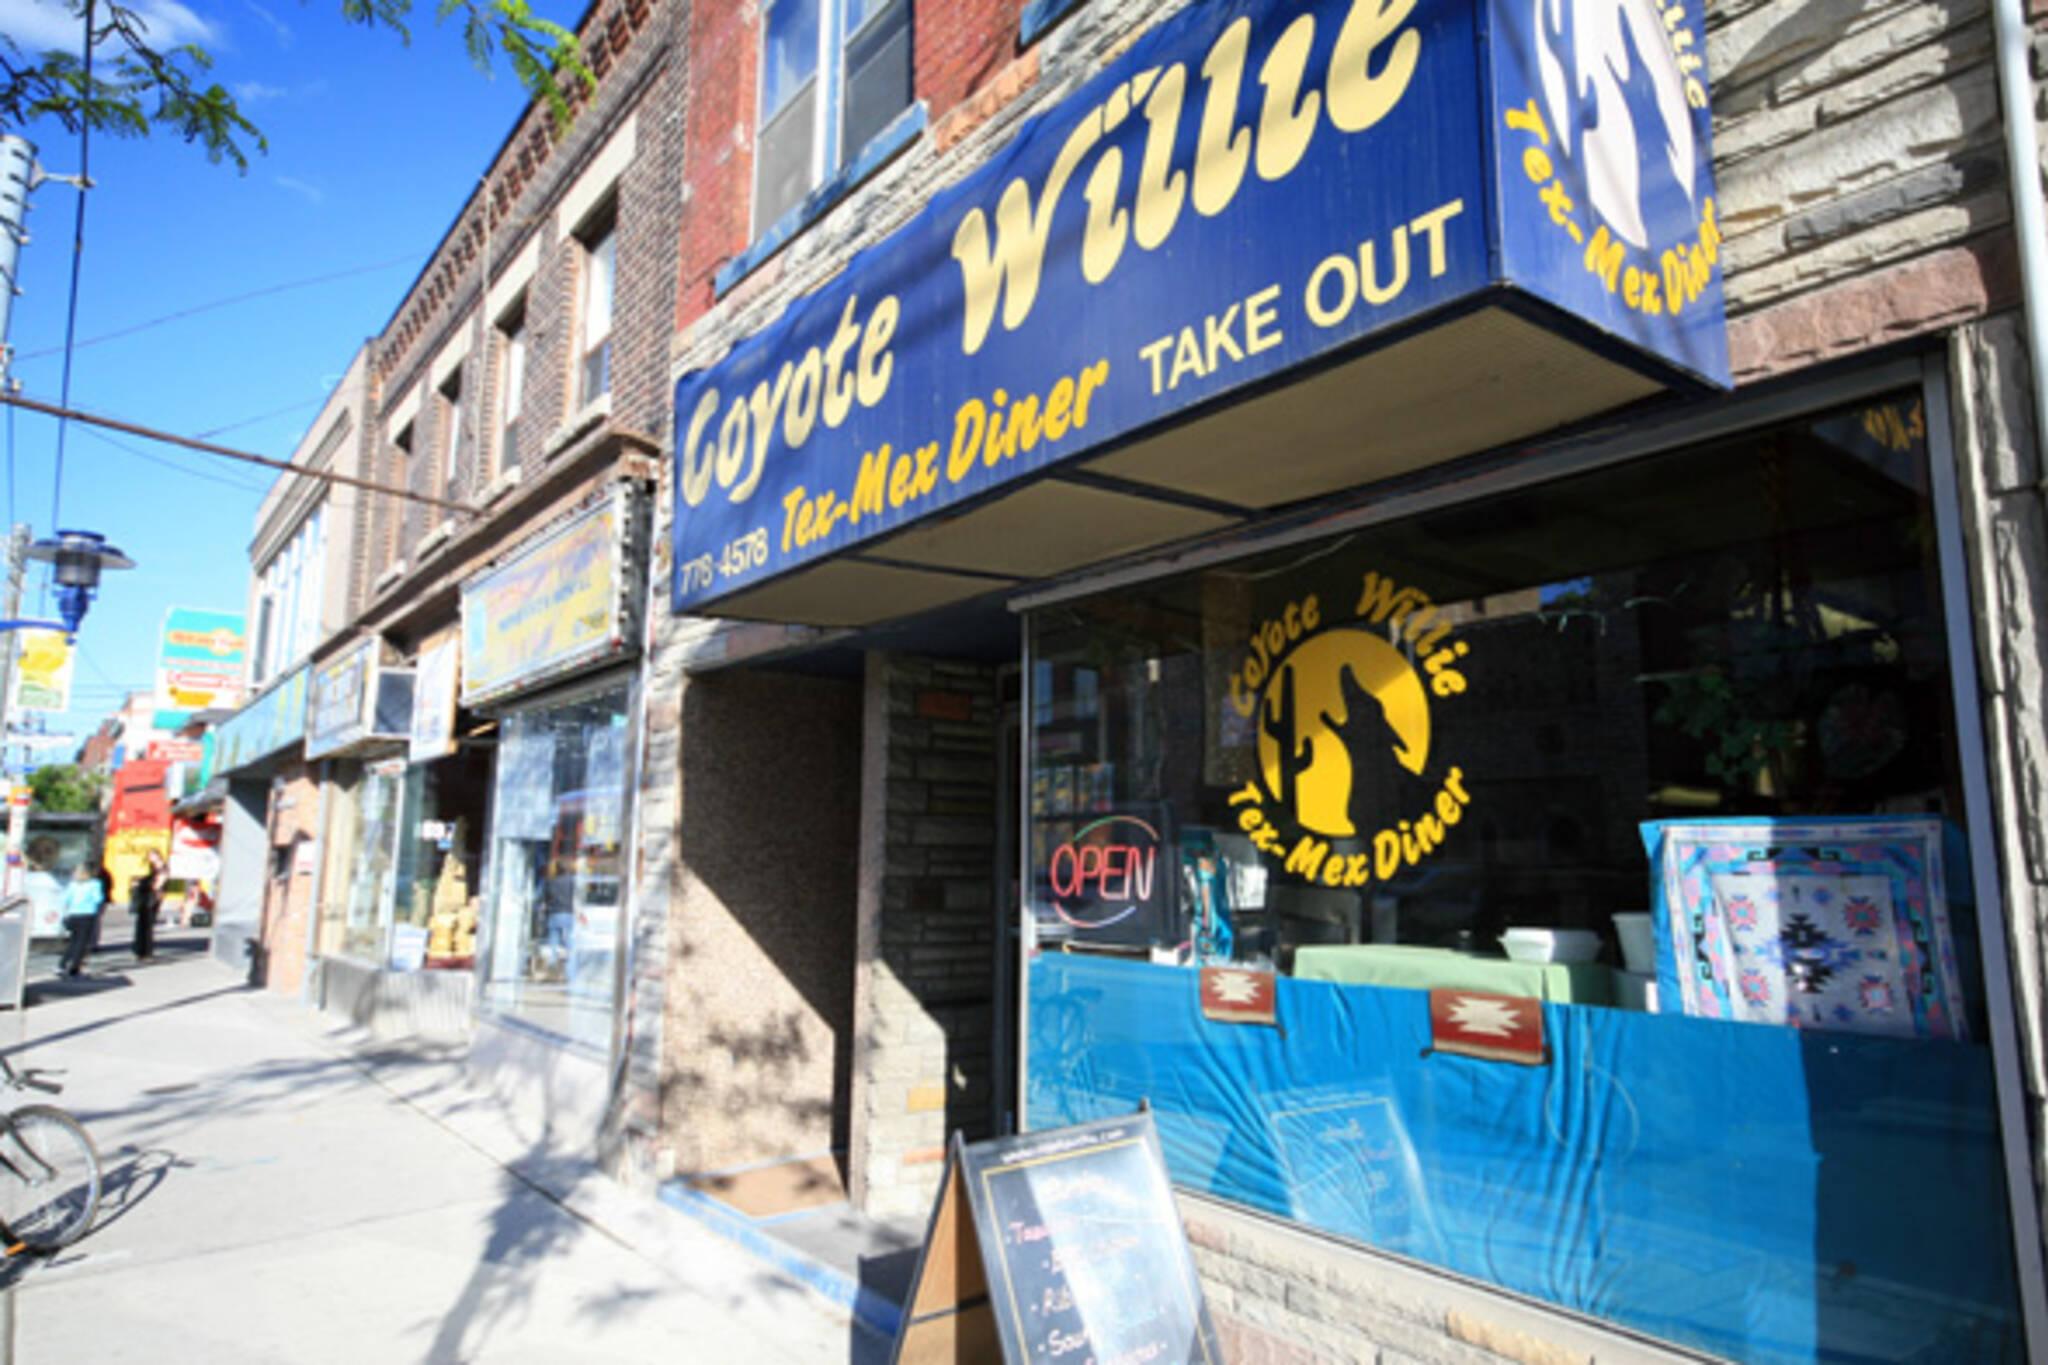 Coyote Willie Toronto